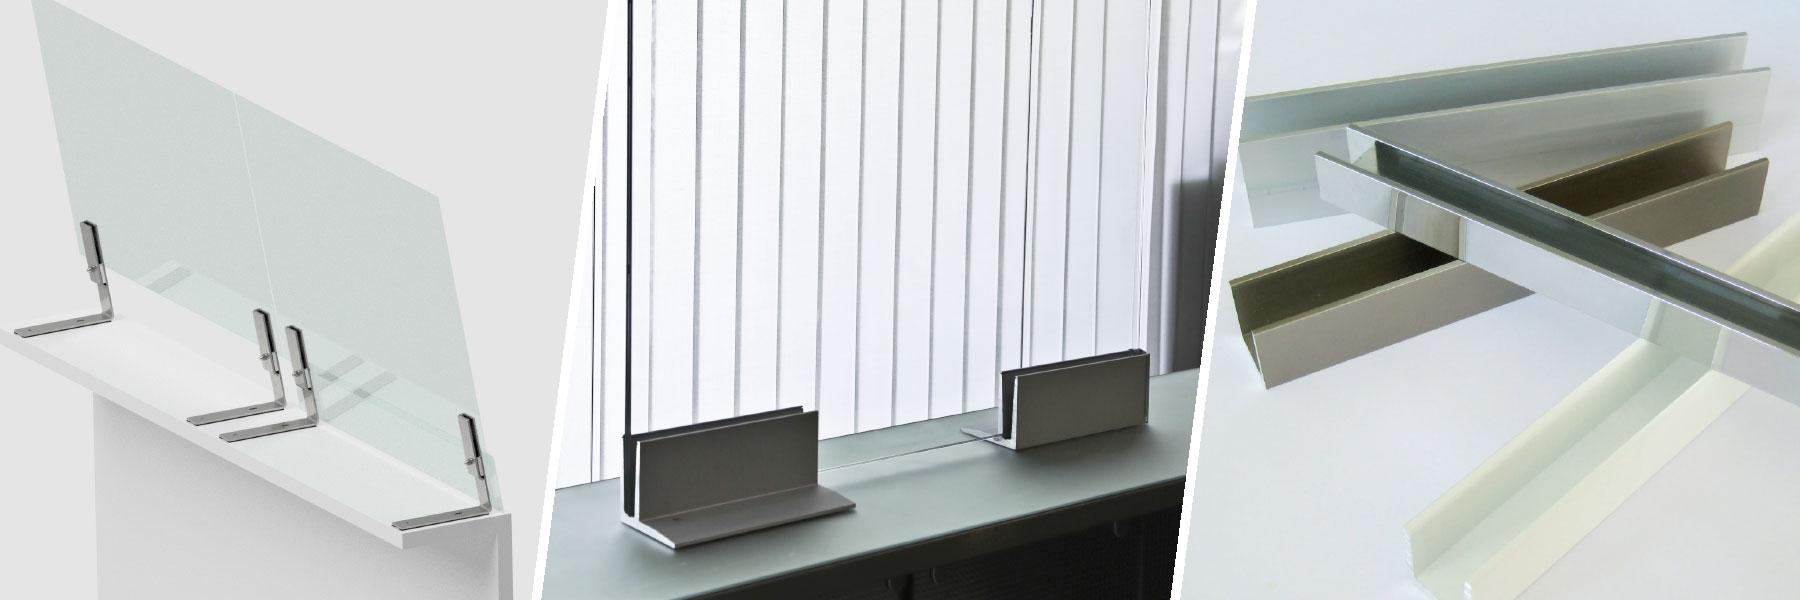 Slider Spuckabwehr Virenschutz Coronaschutz Protect 80 Anlage Glas Kunststoff